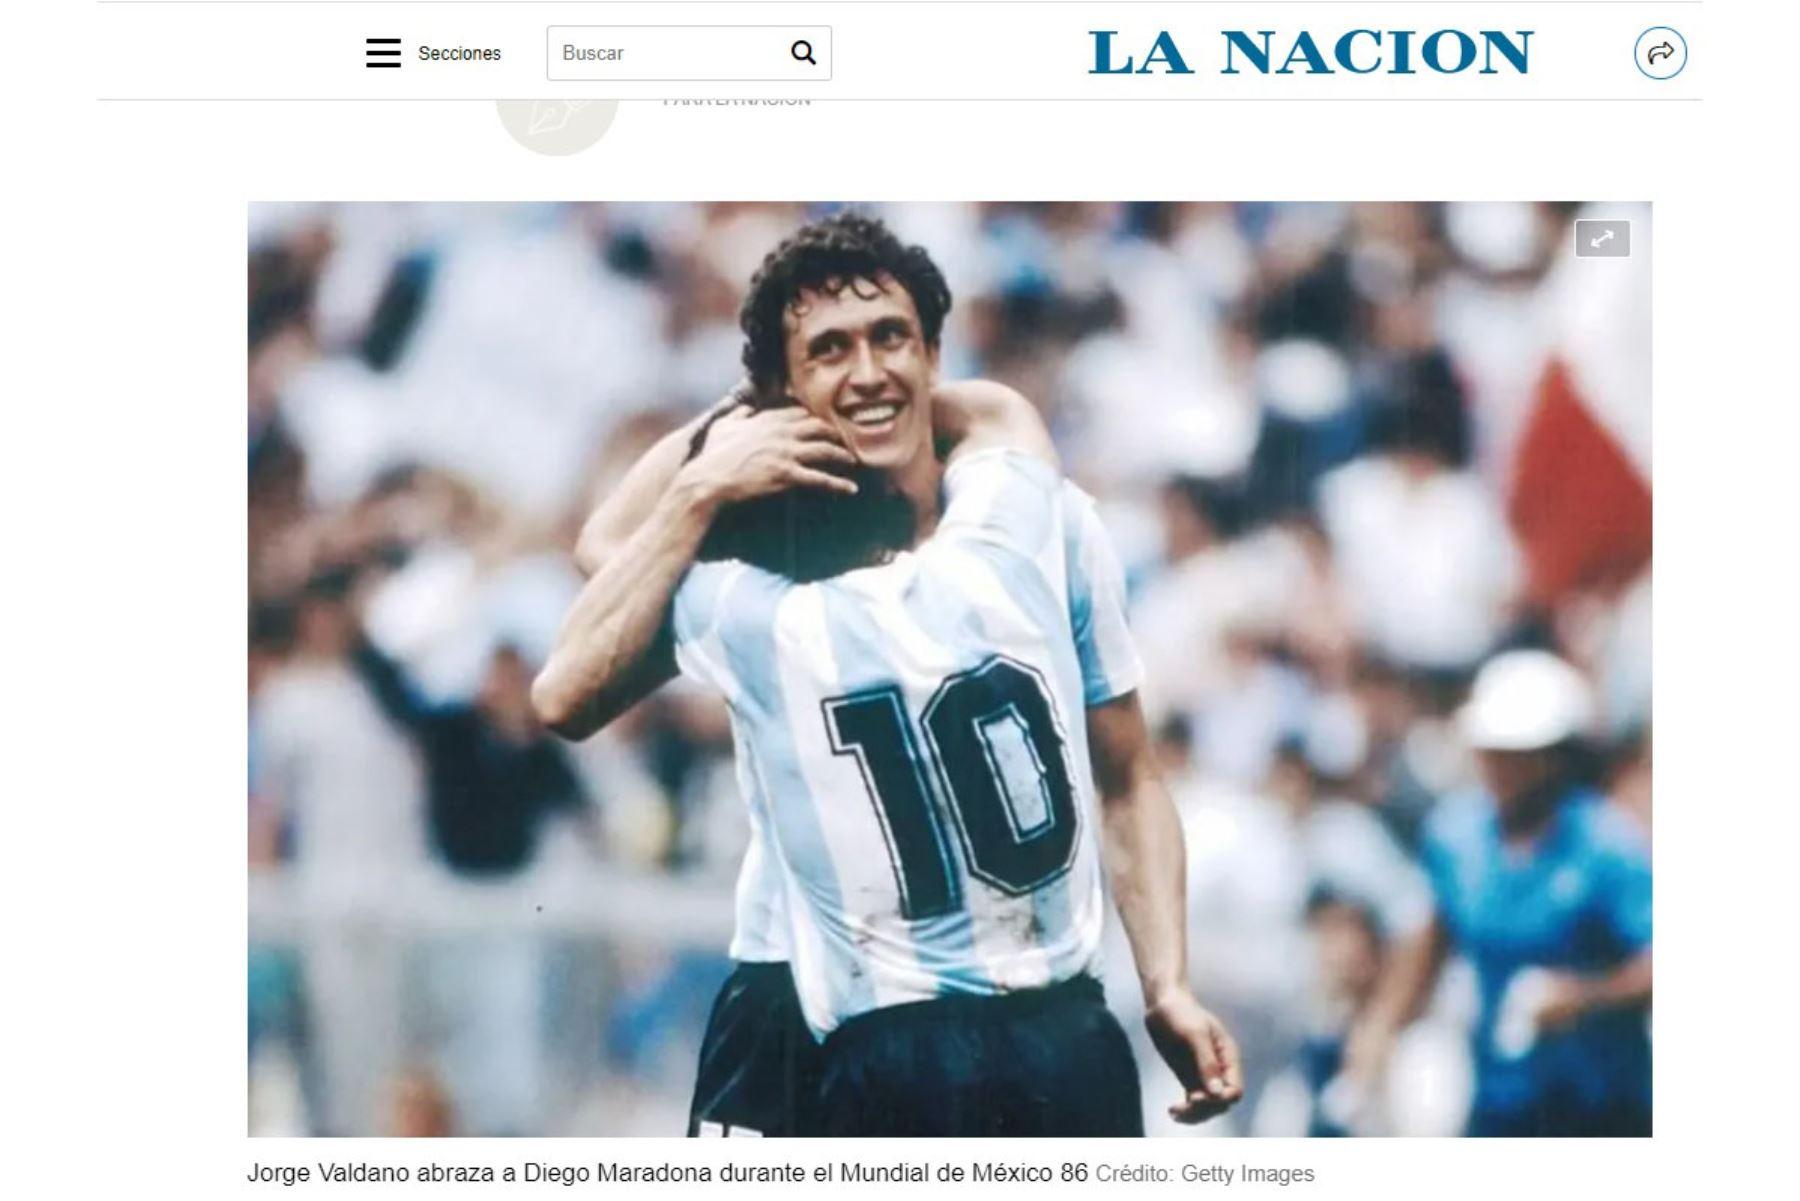 El ex futbolista Jorge Valdano y compañero del astro argentino Diego Armando Maradona se despide con un artículo publicado en el diario La Nación titulado : Adiós a Diego y adiós a Maradona. Foto: Portada La Nación